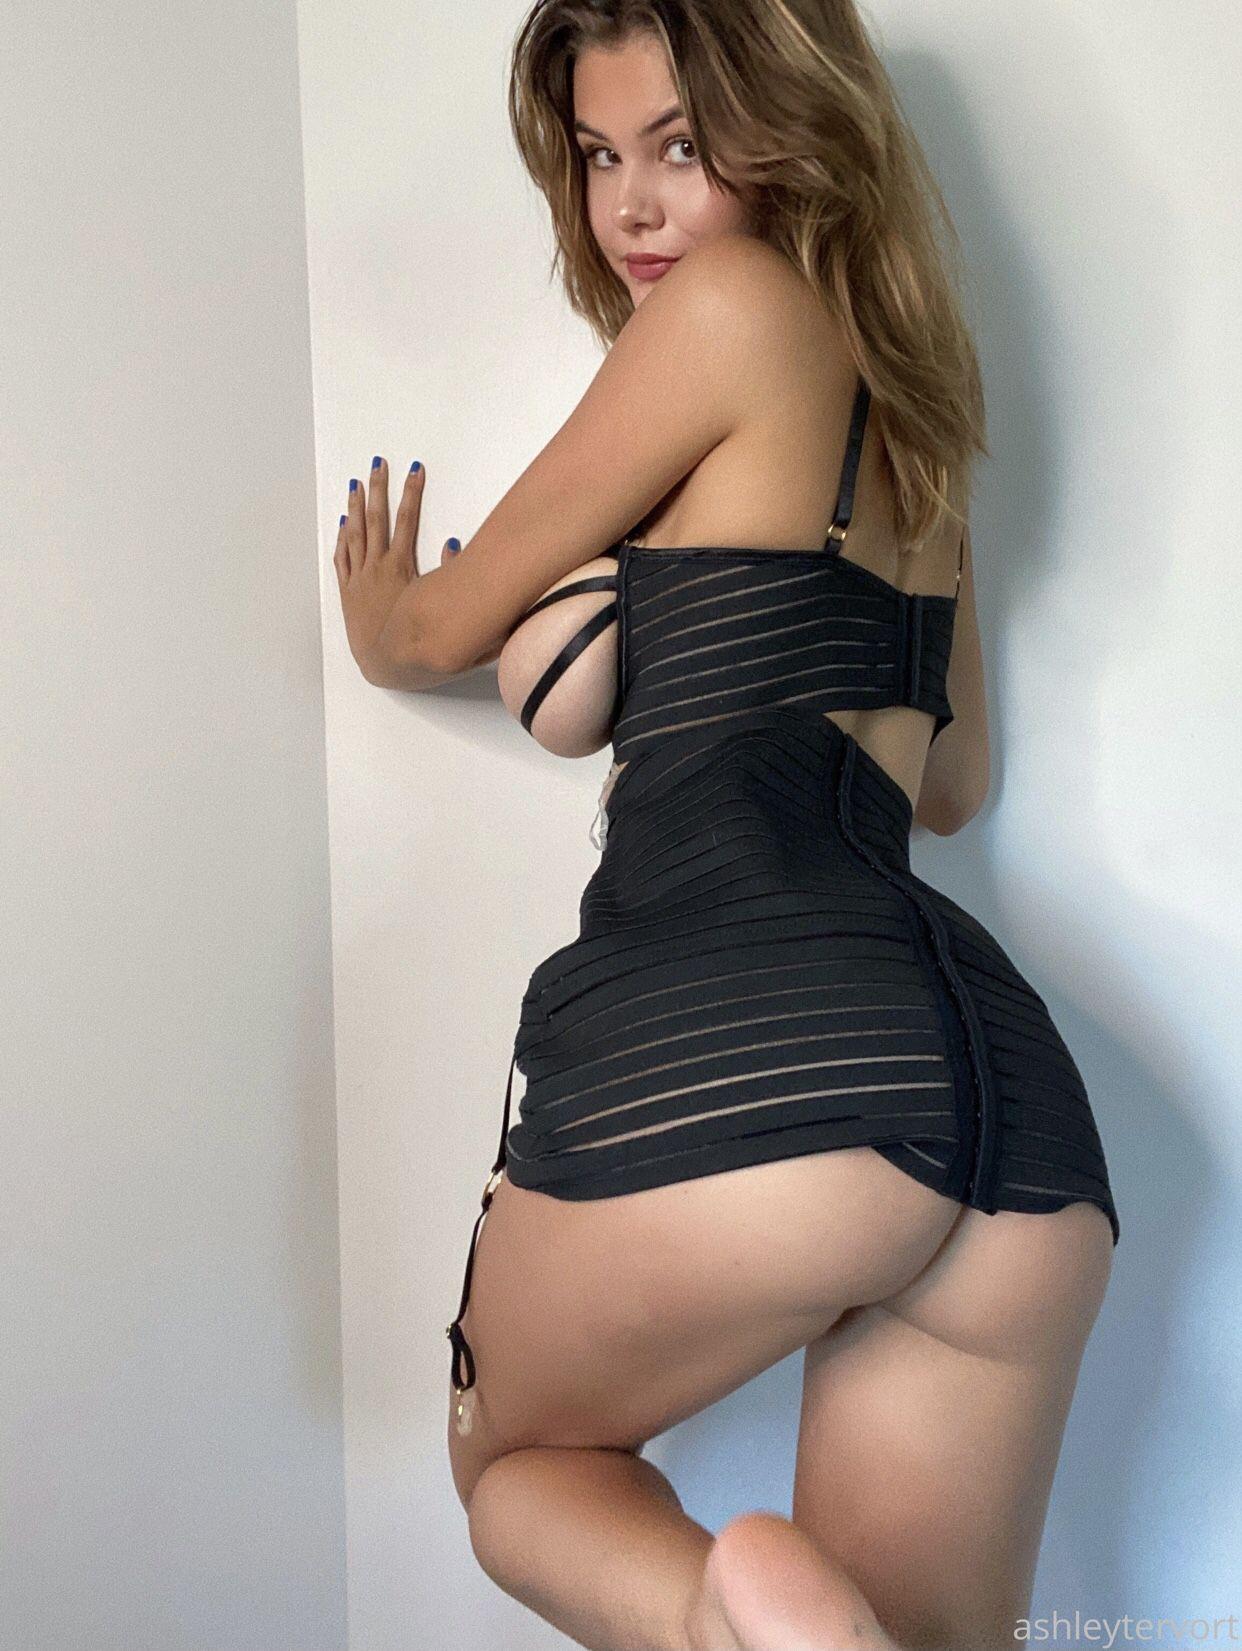 Ashley Tervort Spectacular Boobs